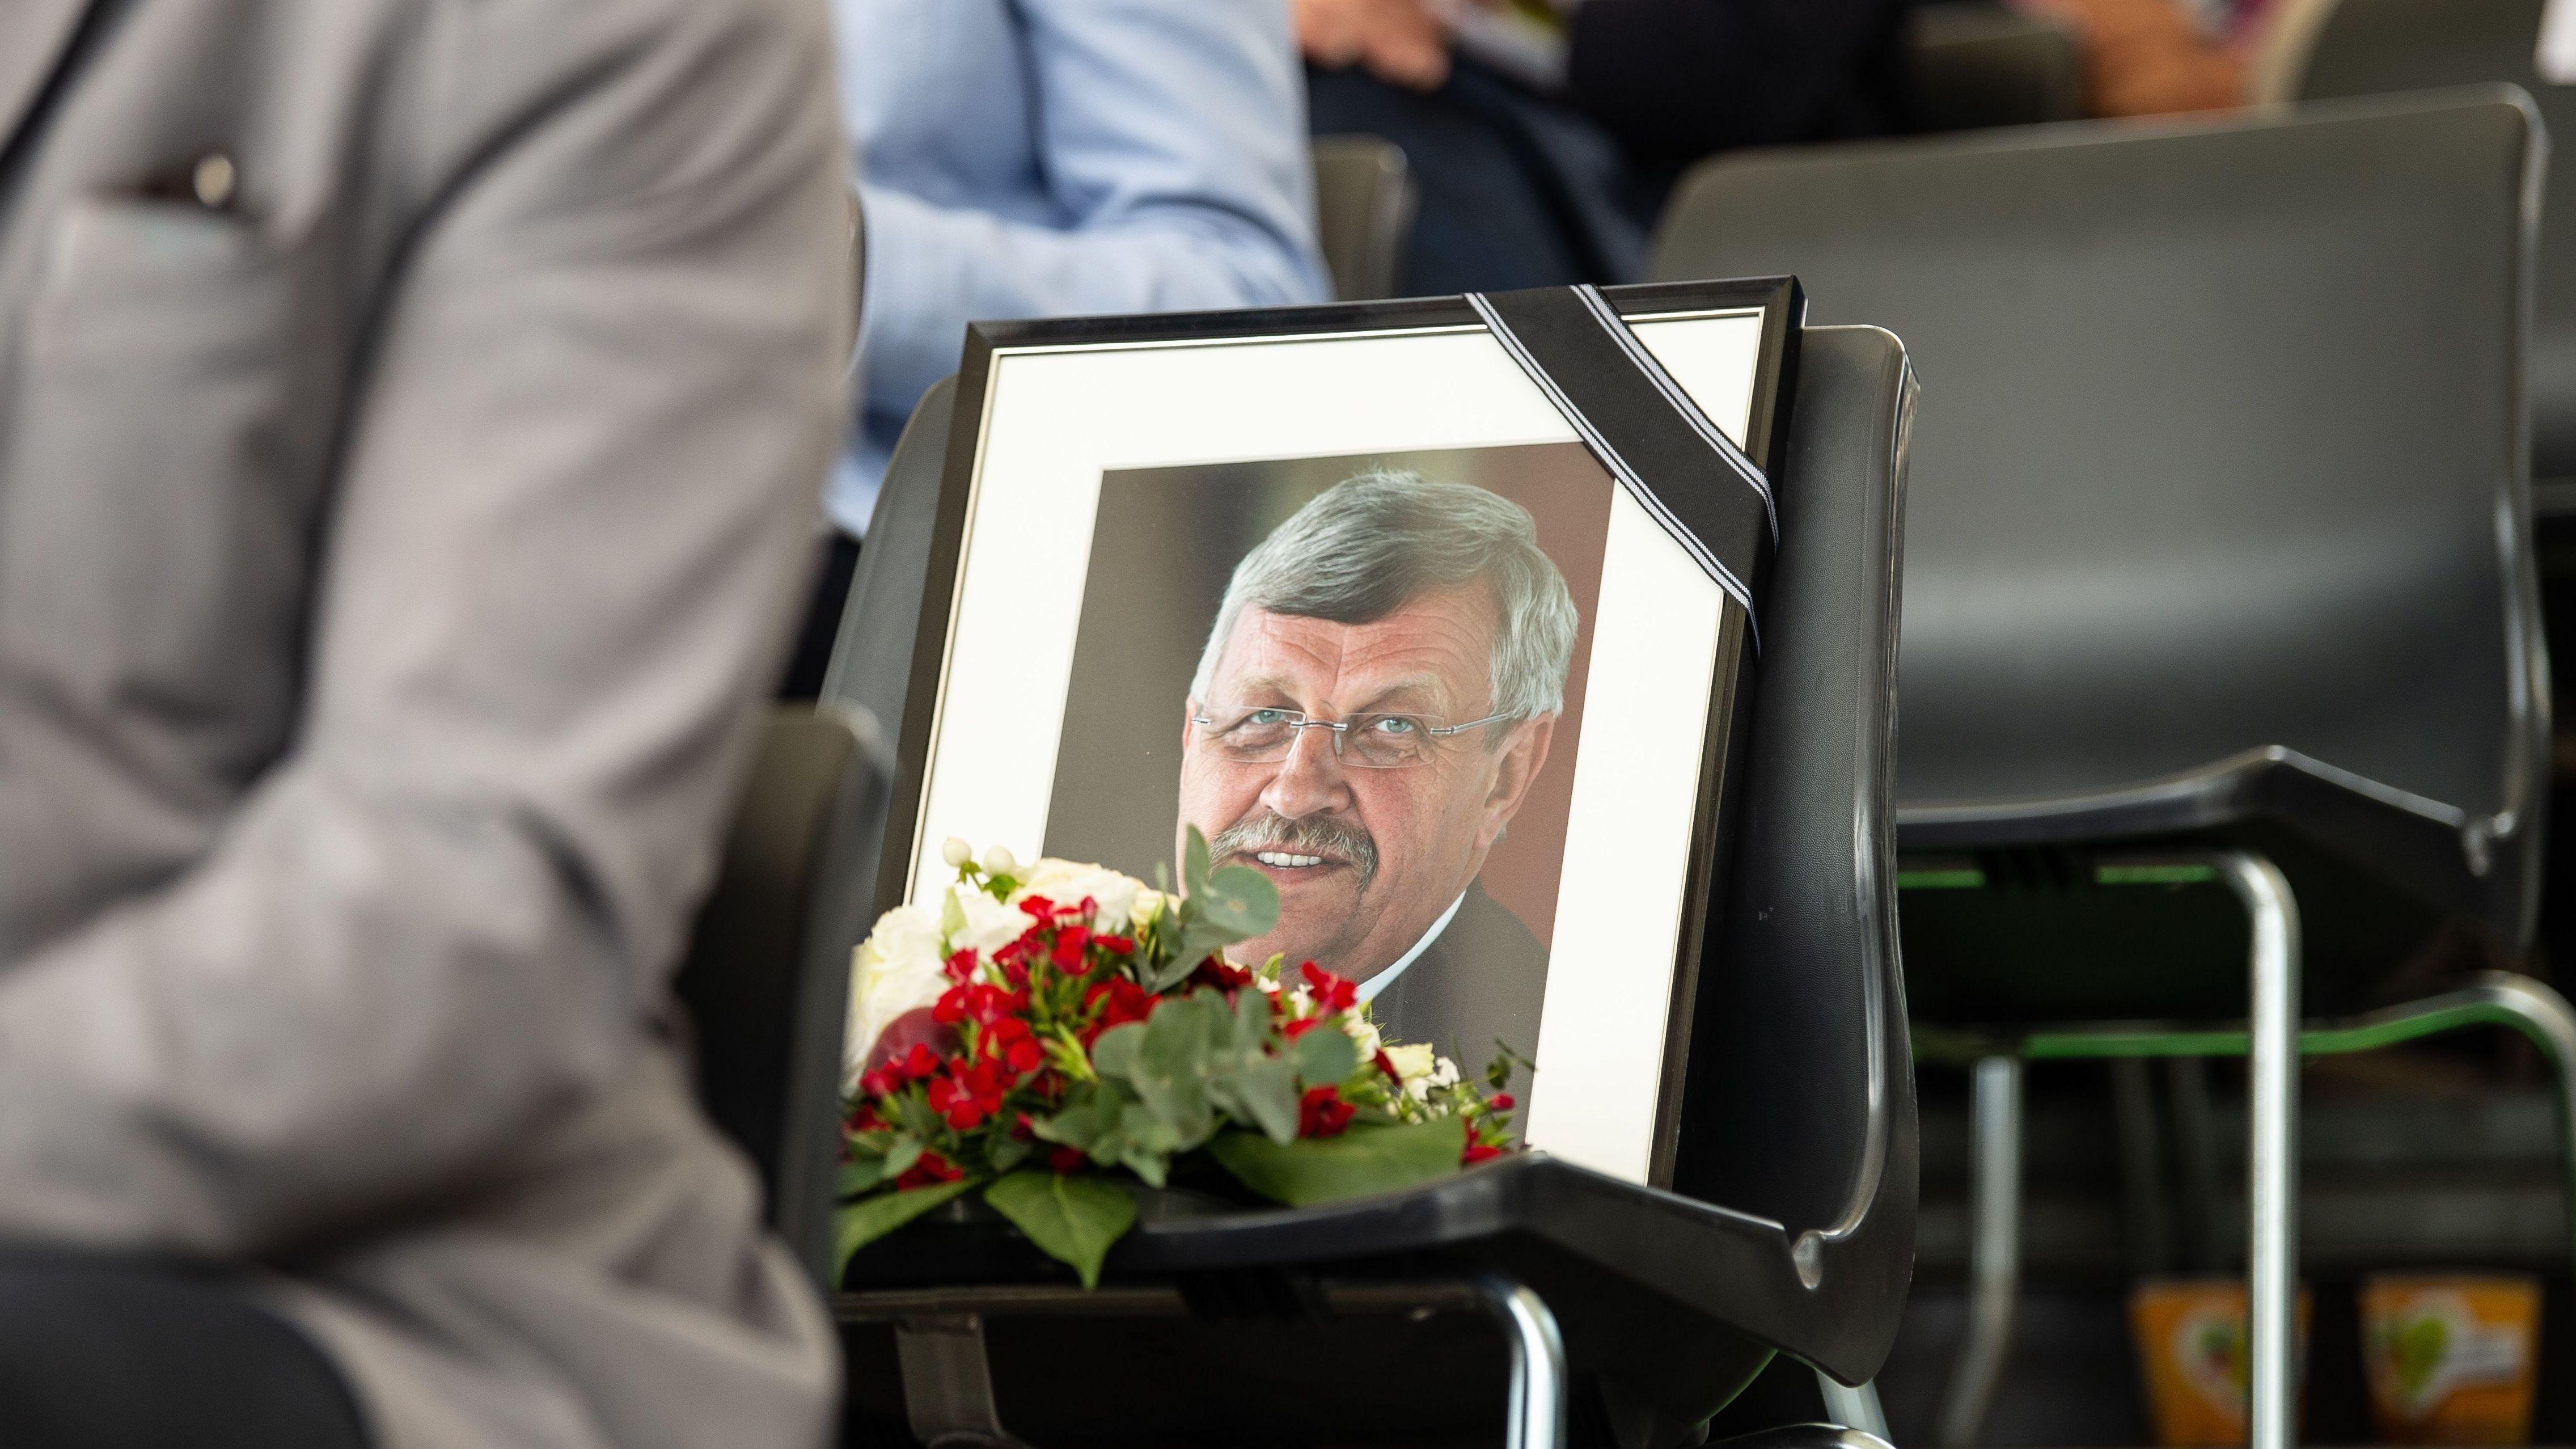 Ein gerahmtes Porträtfoto erinnert an den erschossenen Kasseler Regierungspräsidenten Walter Lübcke (CDU).